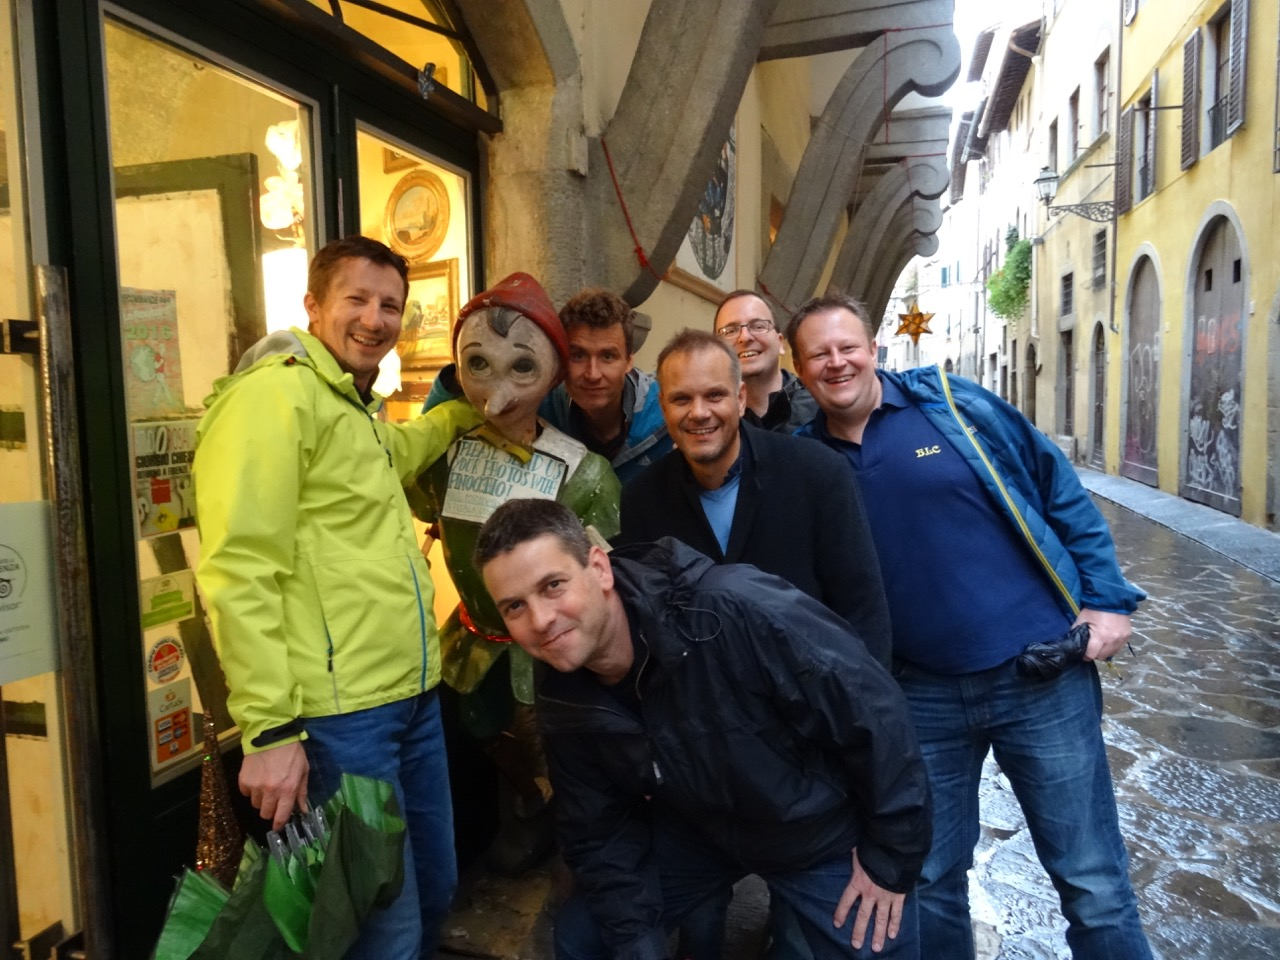 Gruppenbild mit Pinocchio